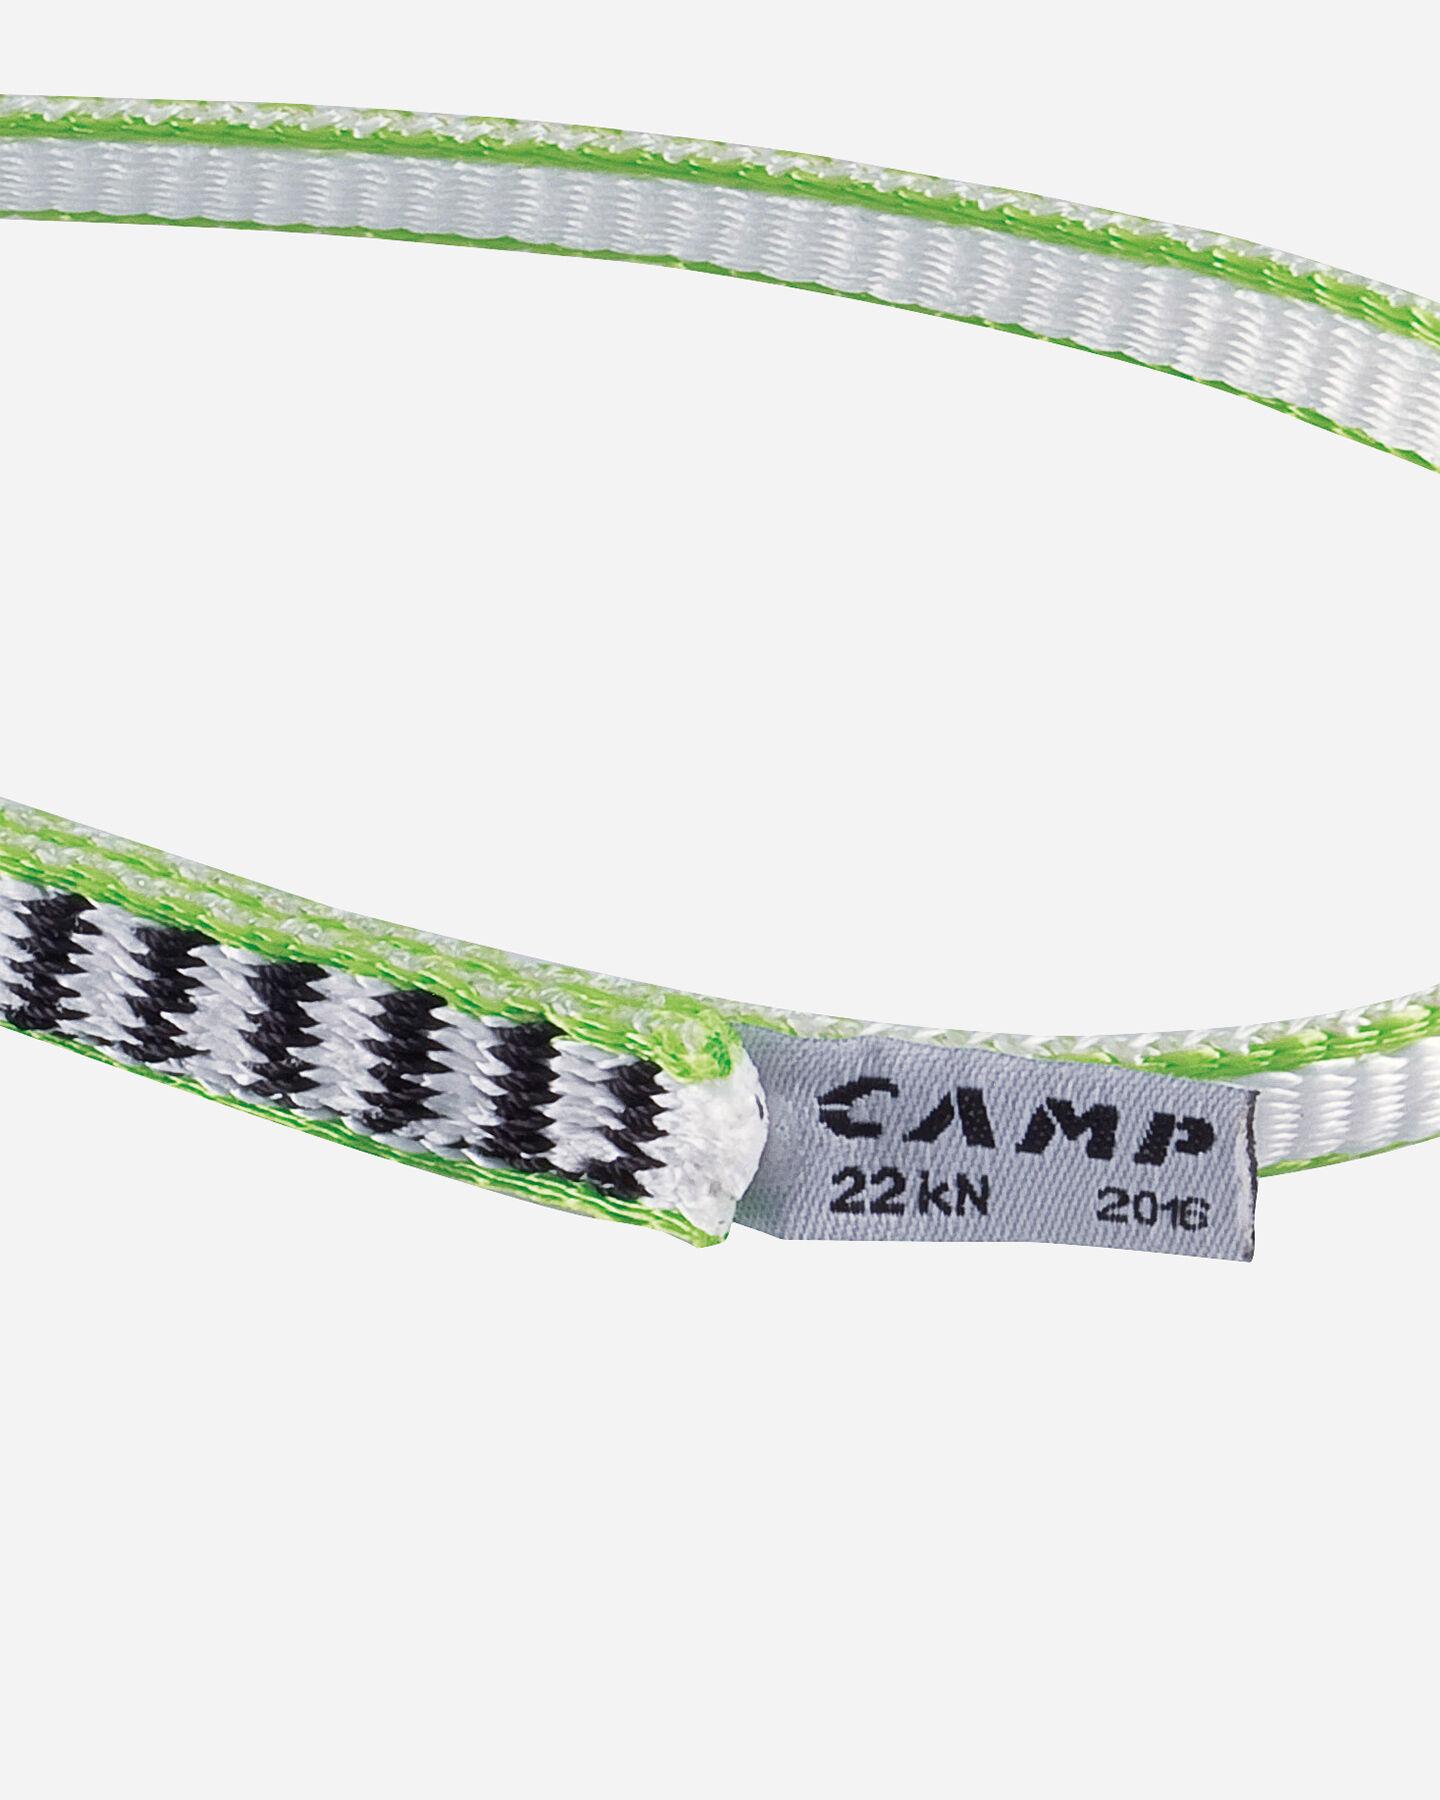 Accessorio arrampicata CAMP ANELLO CAMP EXPRESS DY 11X120 1349.120 S1260895|9999|UNI scatto 1